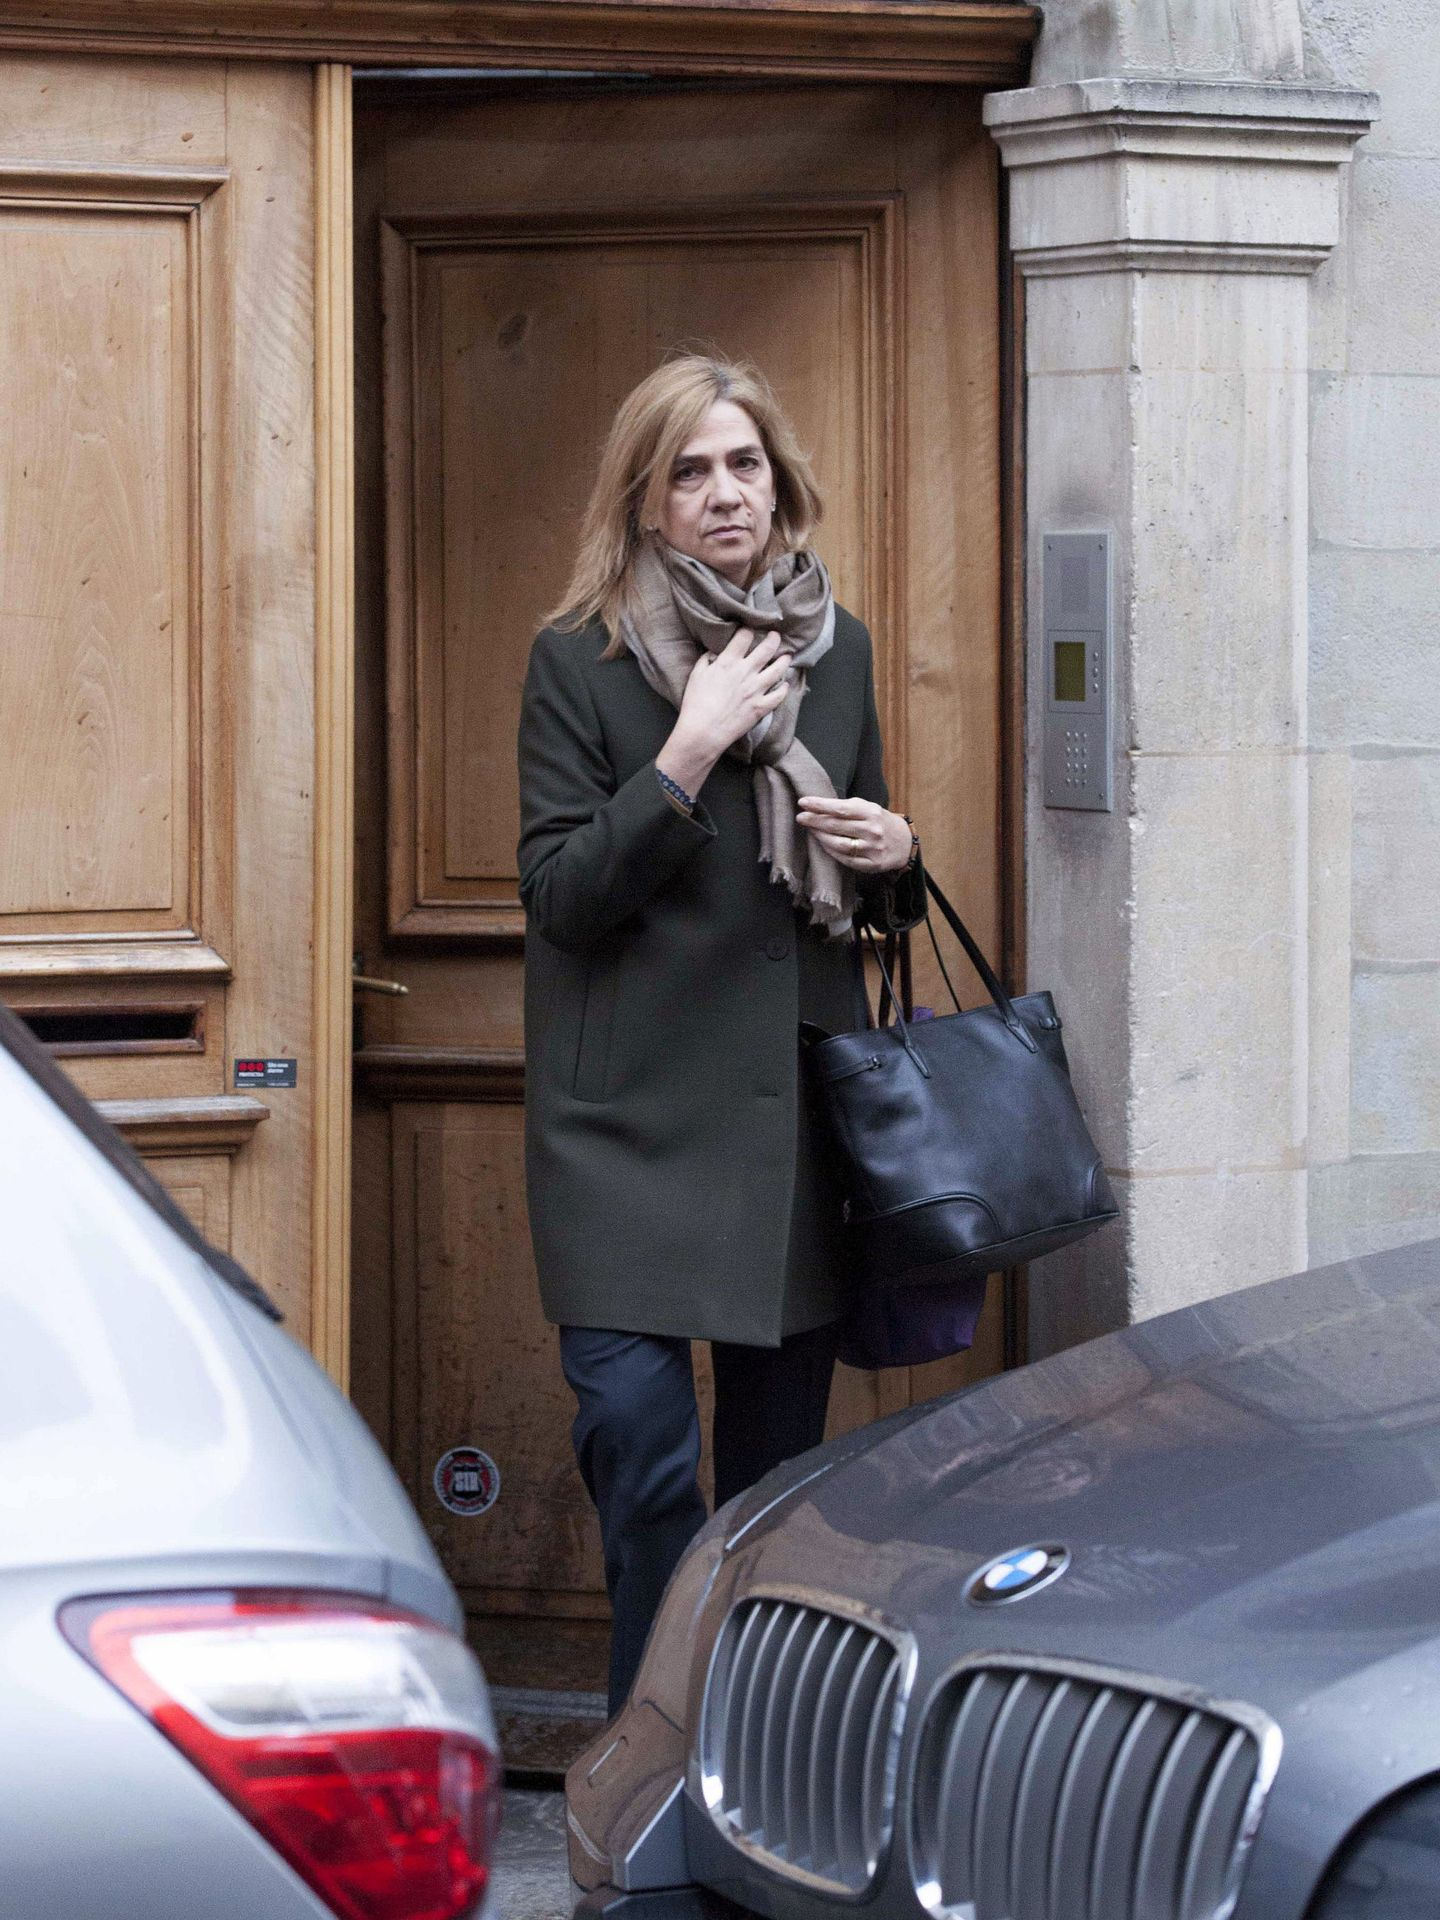 La infanta Cristina, saliendo a trabajar de su casa suiza. (EFE)